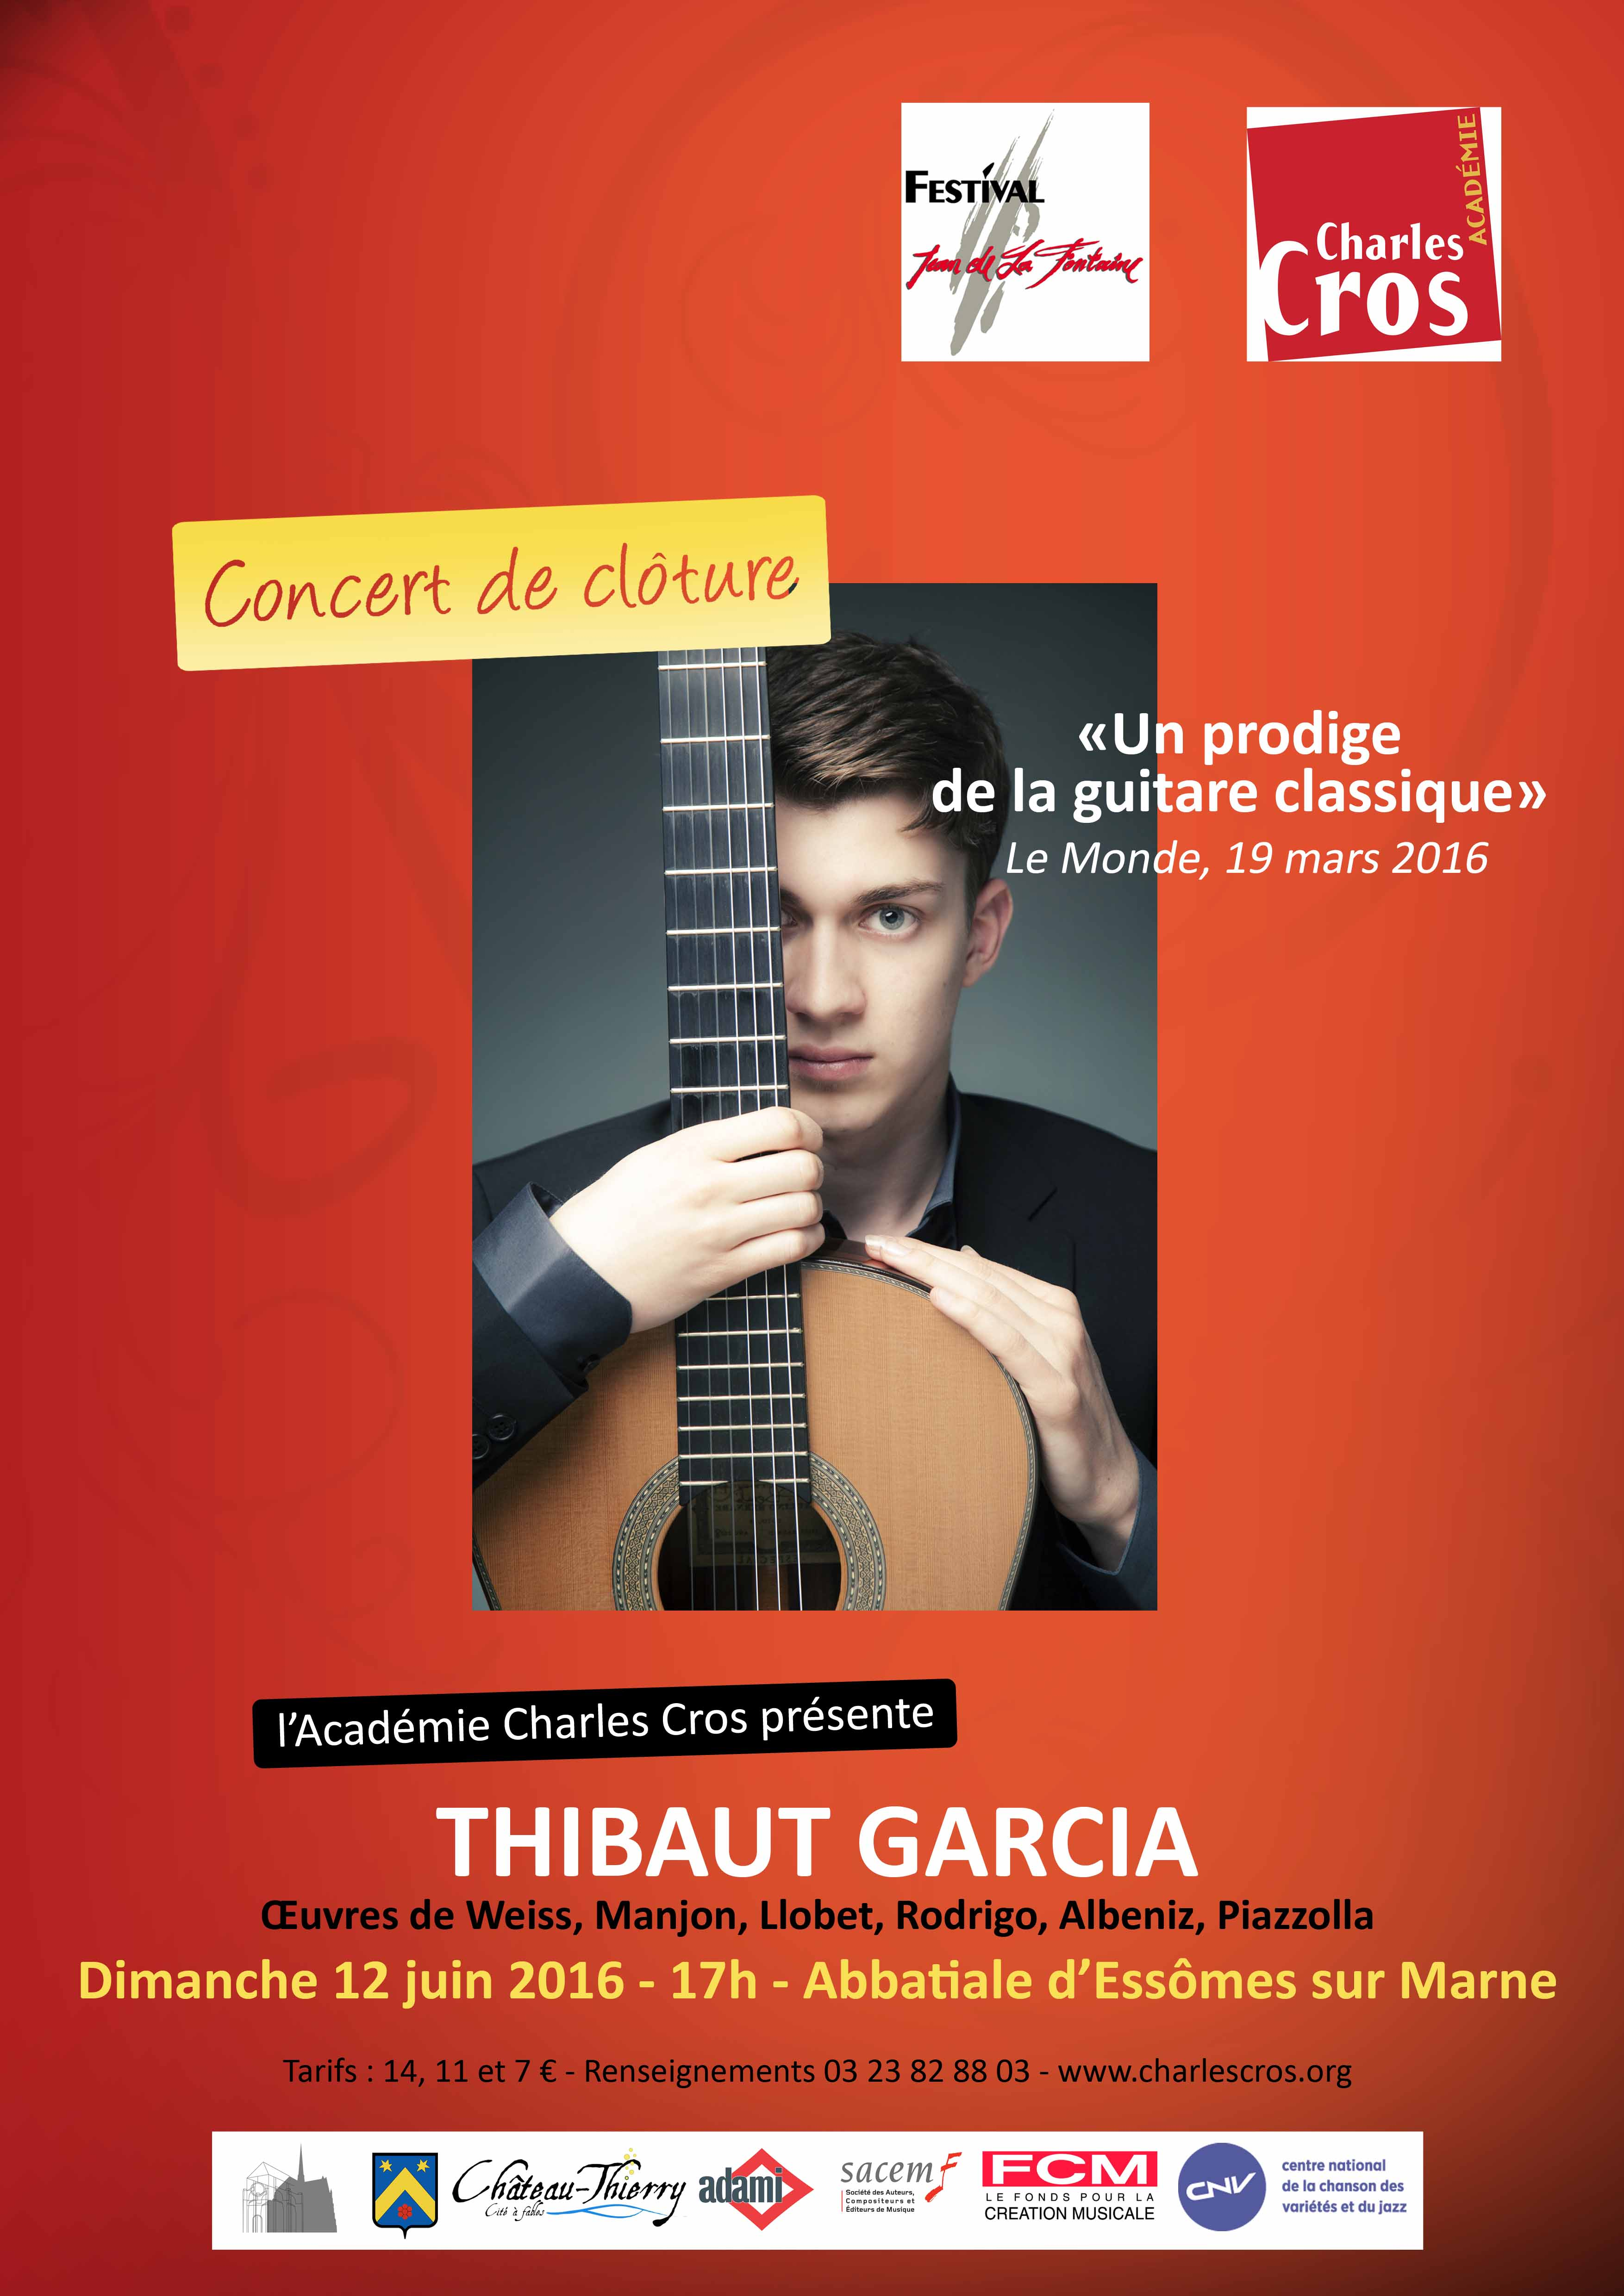 Concert de Thibaut Garcia, guitare classique, le Dimanche 12 juin 2016.